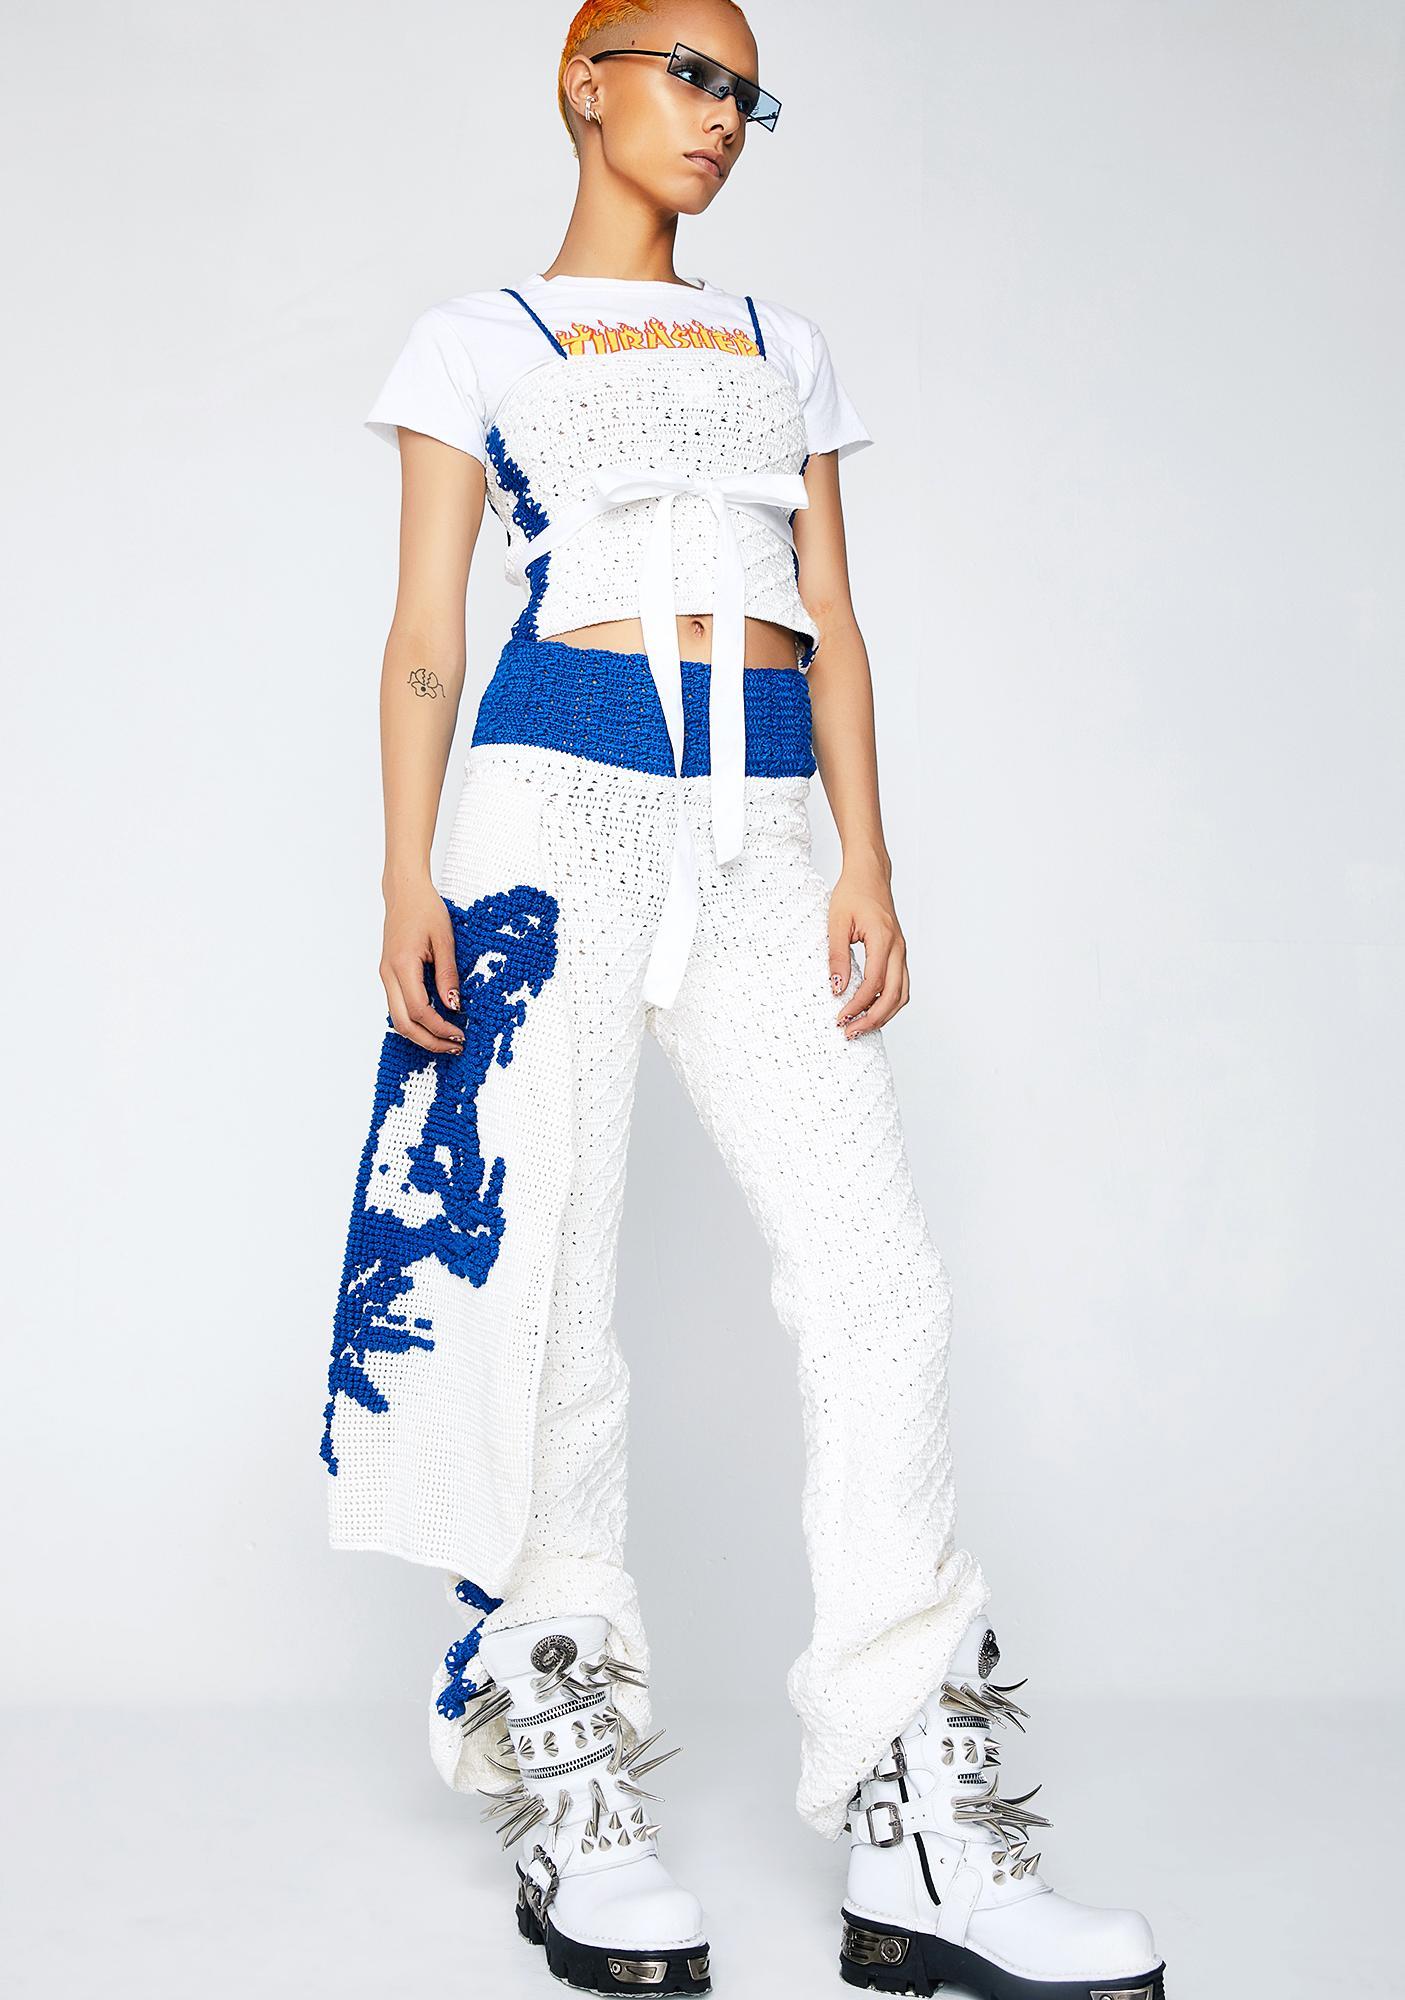 Maria ke Fisherman Bakala Couture Pants